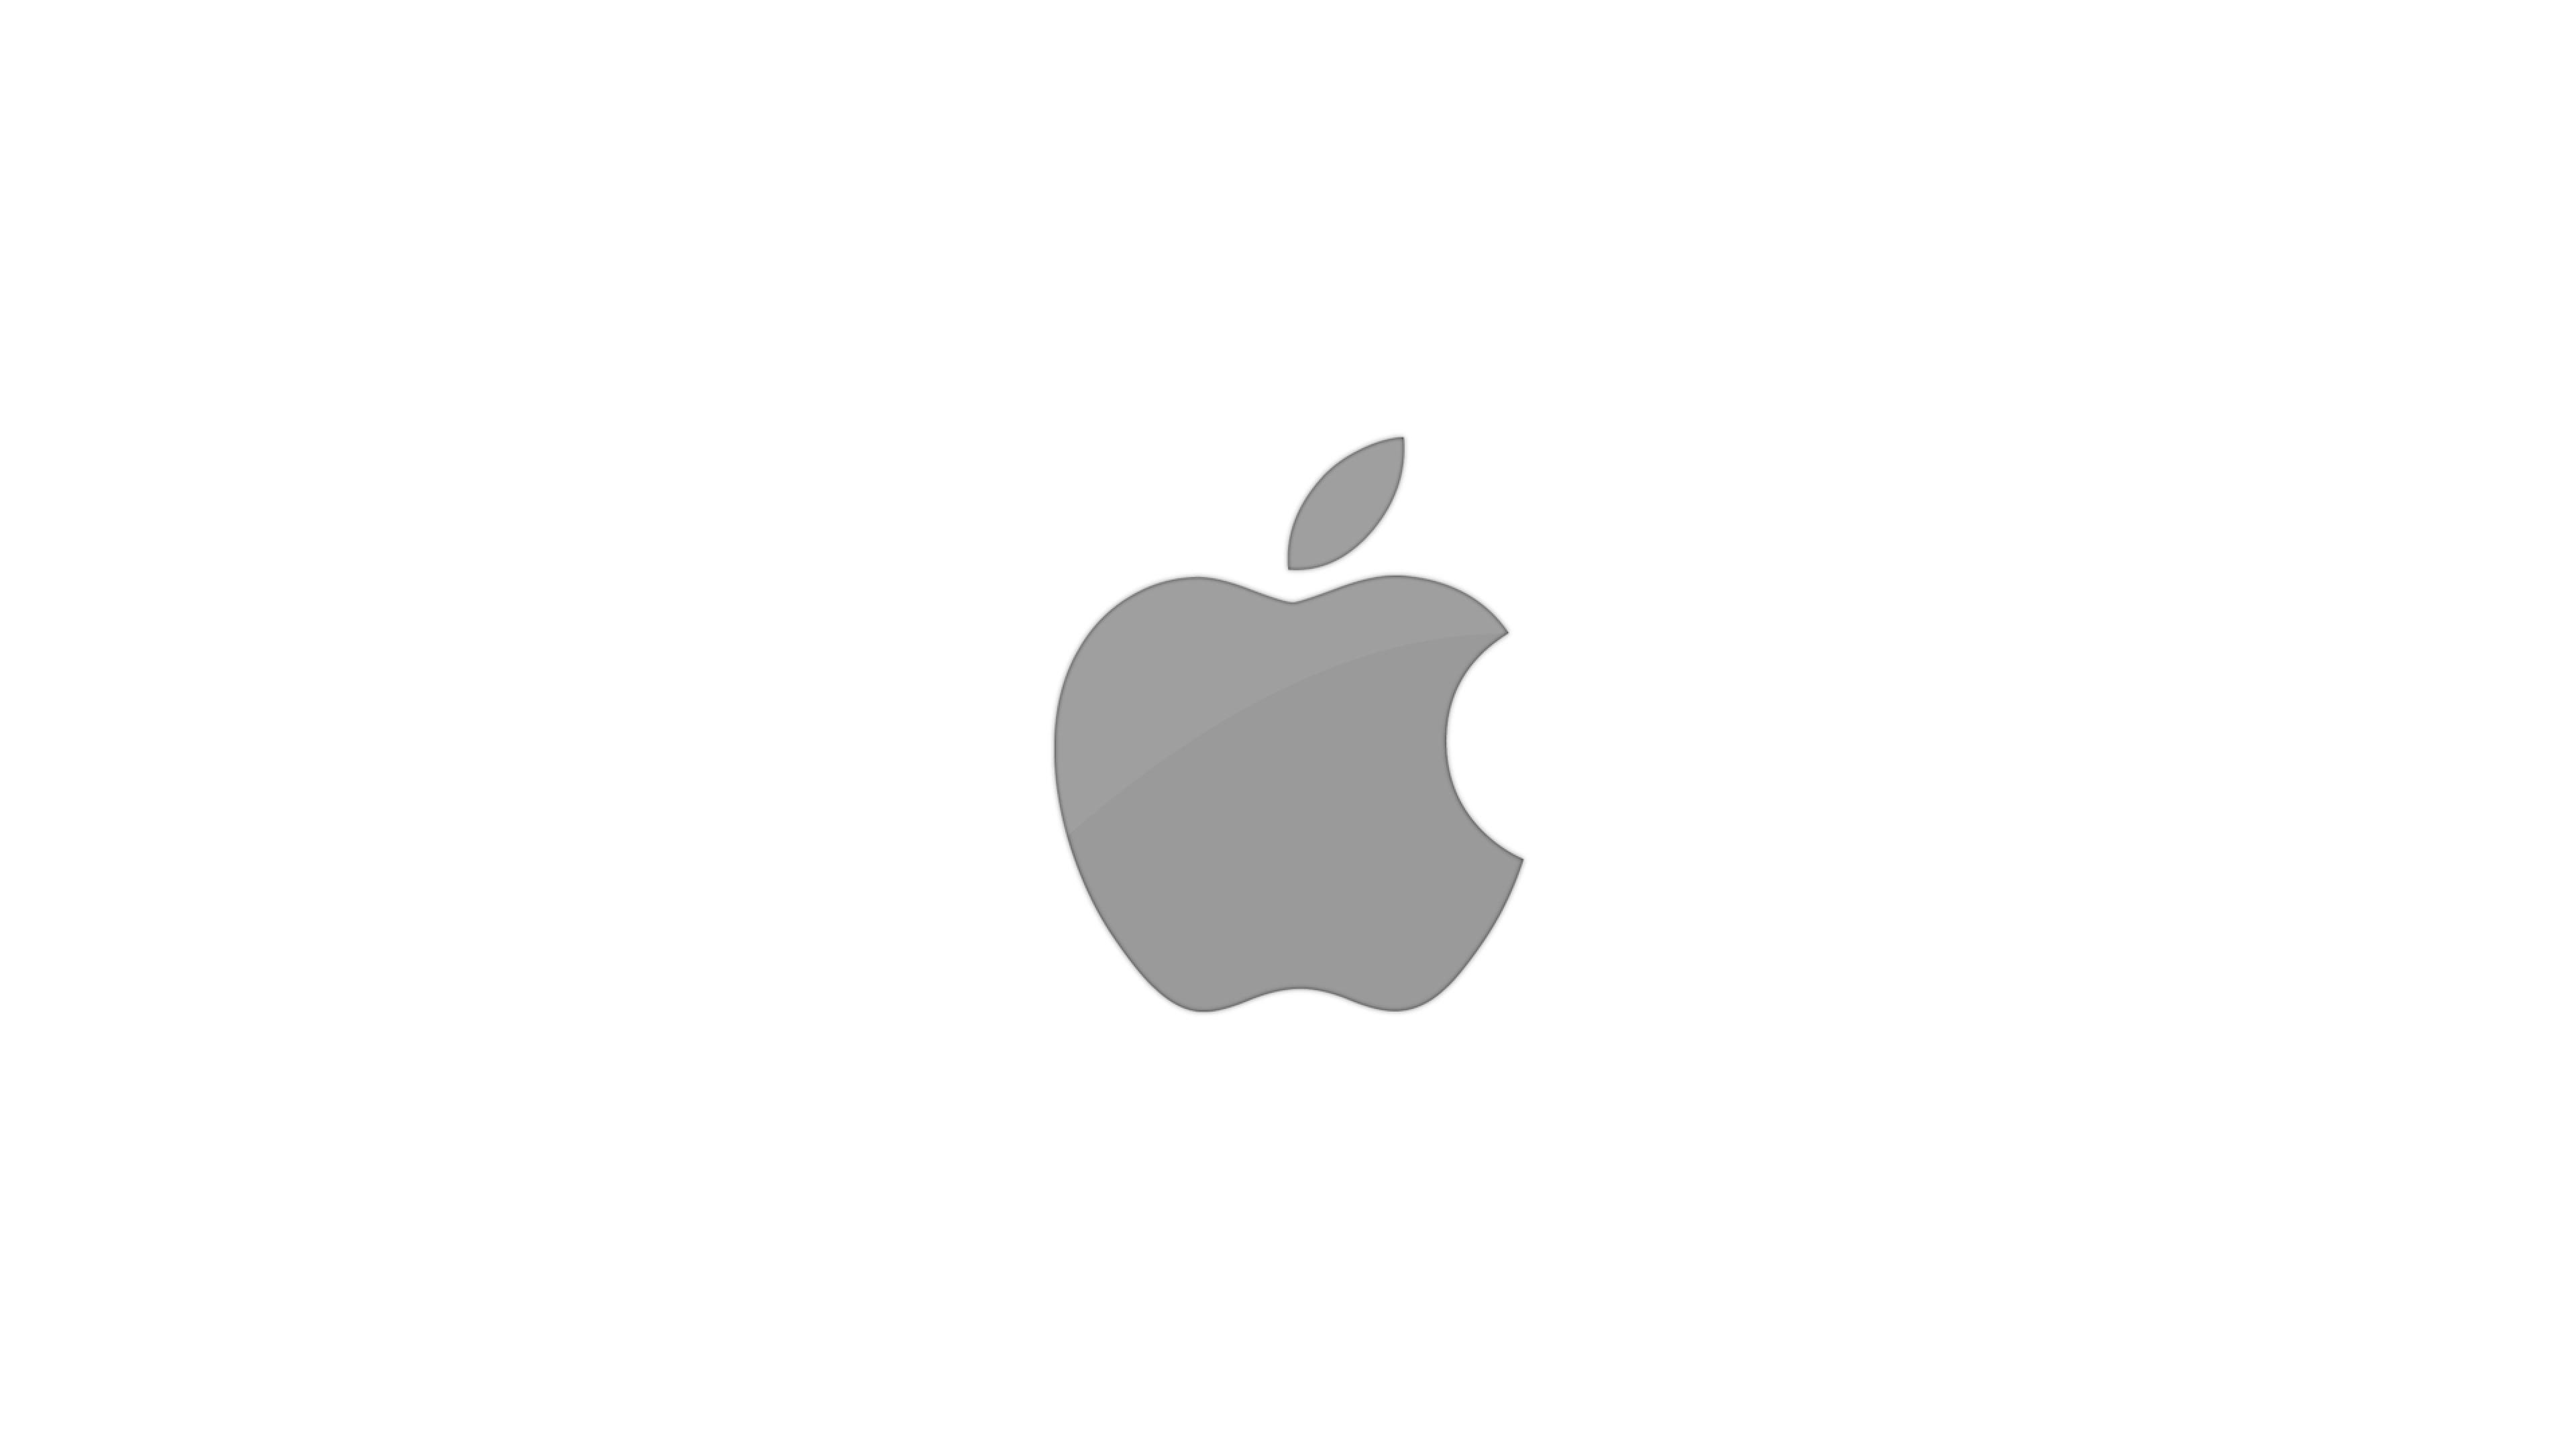 Обзор современной продукции Apple